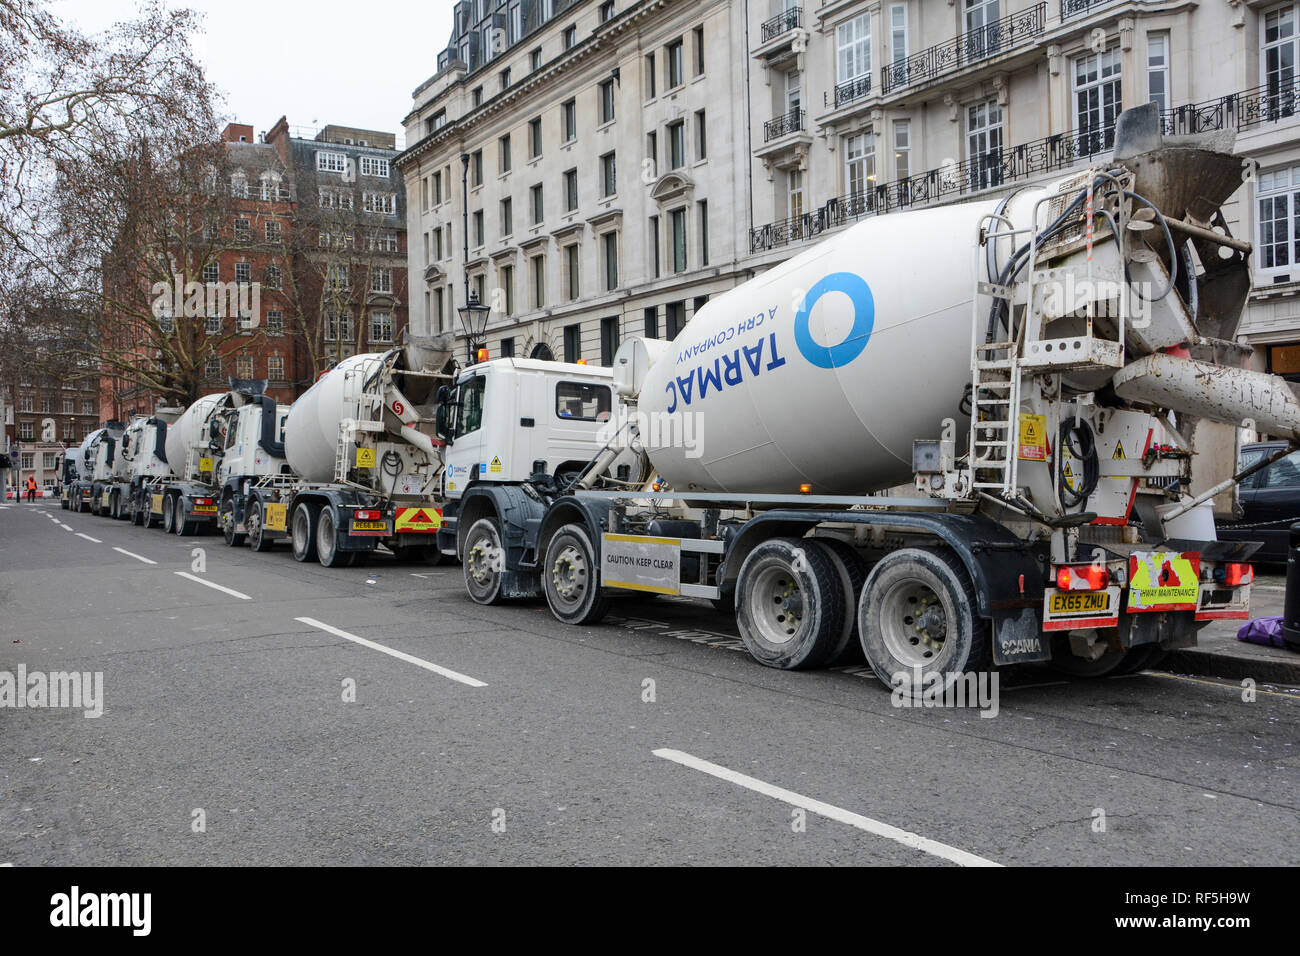 Eine Warteschlange von Tarmac DAF Trucks warten Ihr vor zu entladen - gemischte Beton in die Grundlagen der LSE Marshall Gebäude in Lincoln's Inn Fields, London Stockfoto